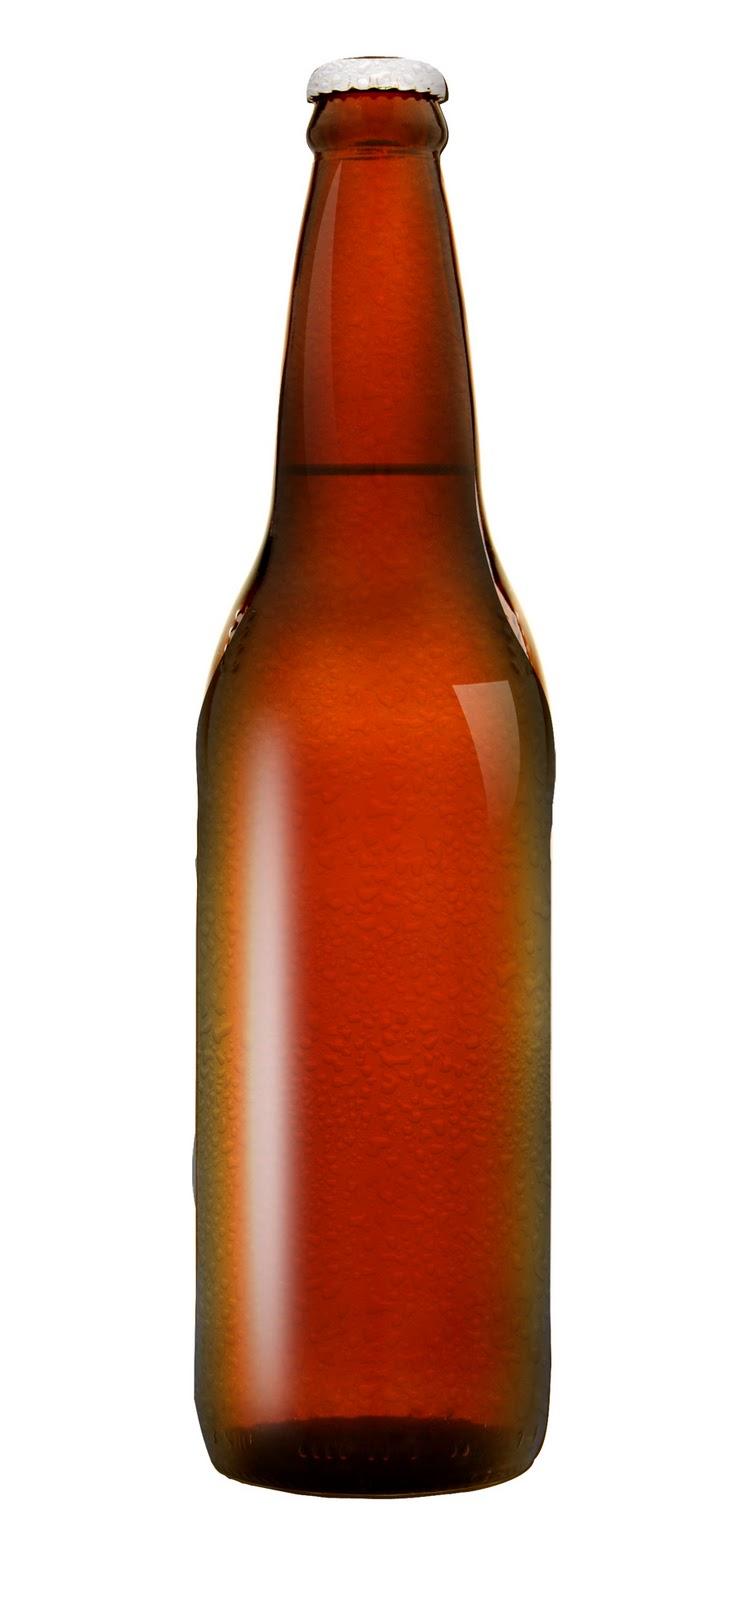 749x1600 Clipart Beer Bottles